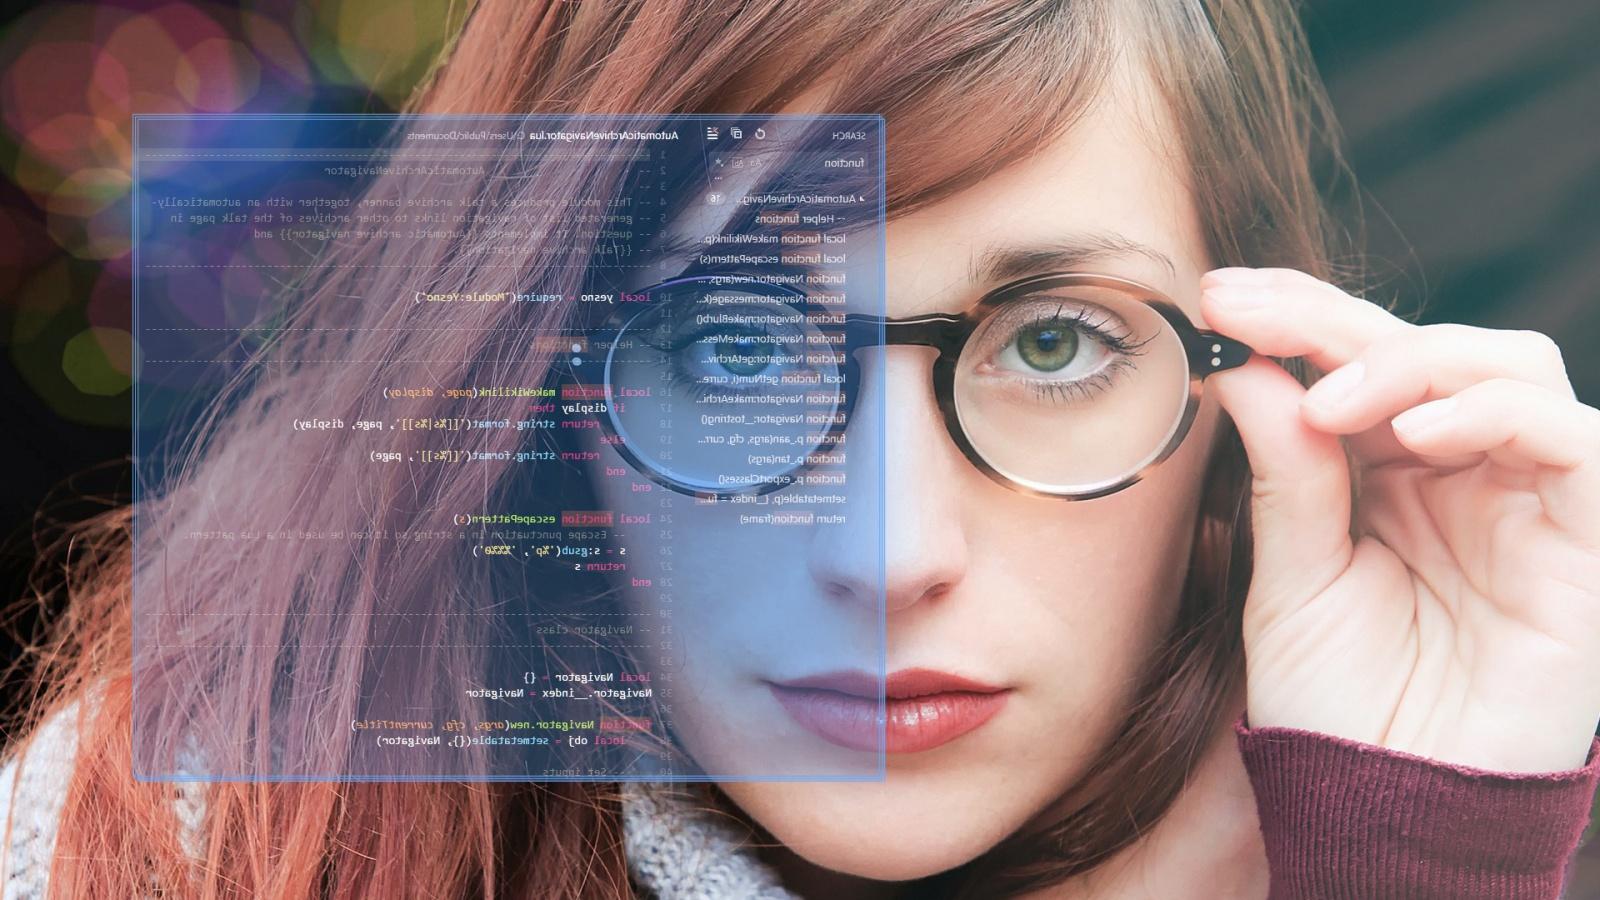 Концепция очков дополненной реальности. Моя идеальная AR гарнитура, которая возможна - 4